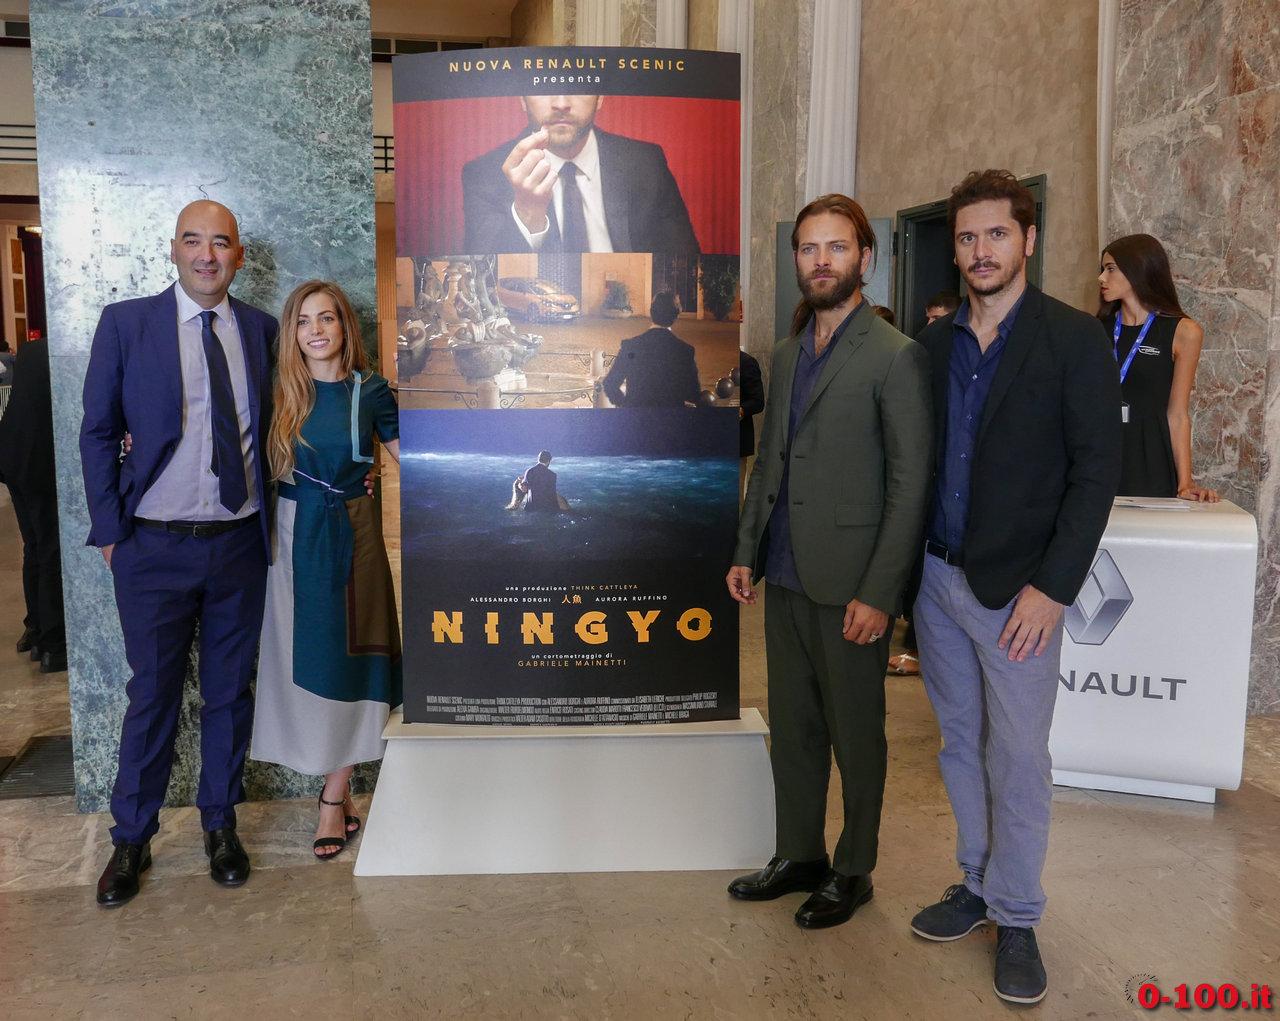 renault-scenic-2016_73_mostra-cinema_venezia-ningyo-mainetti-borghi-ruffino_0-100_11